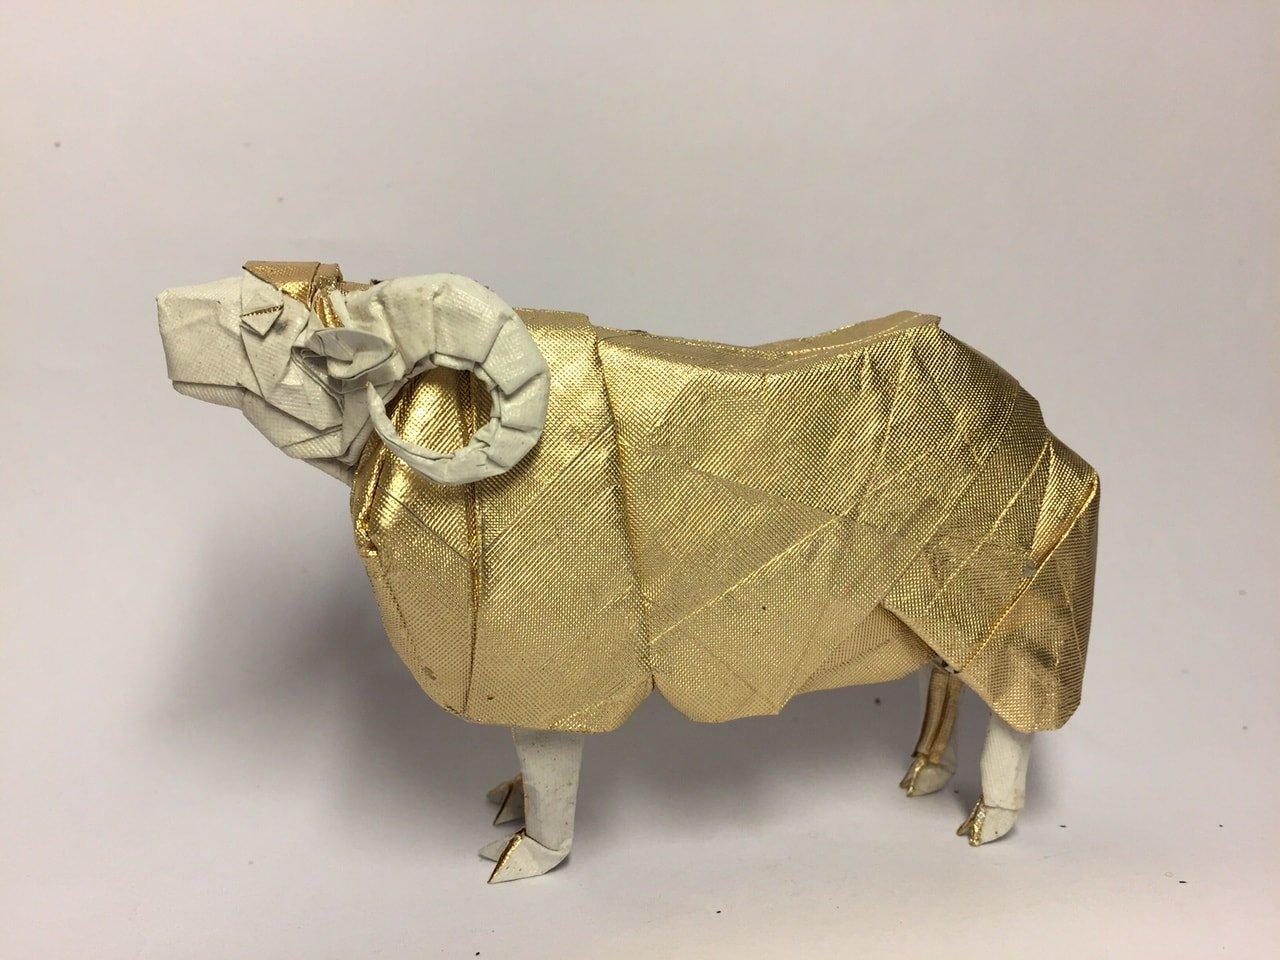 Ram by Satoshi Kamiya (Aries)